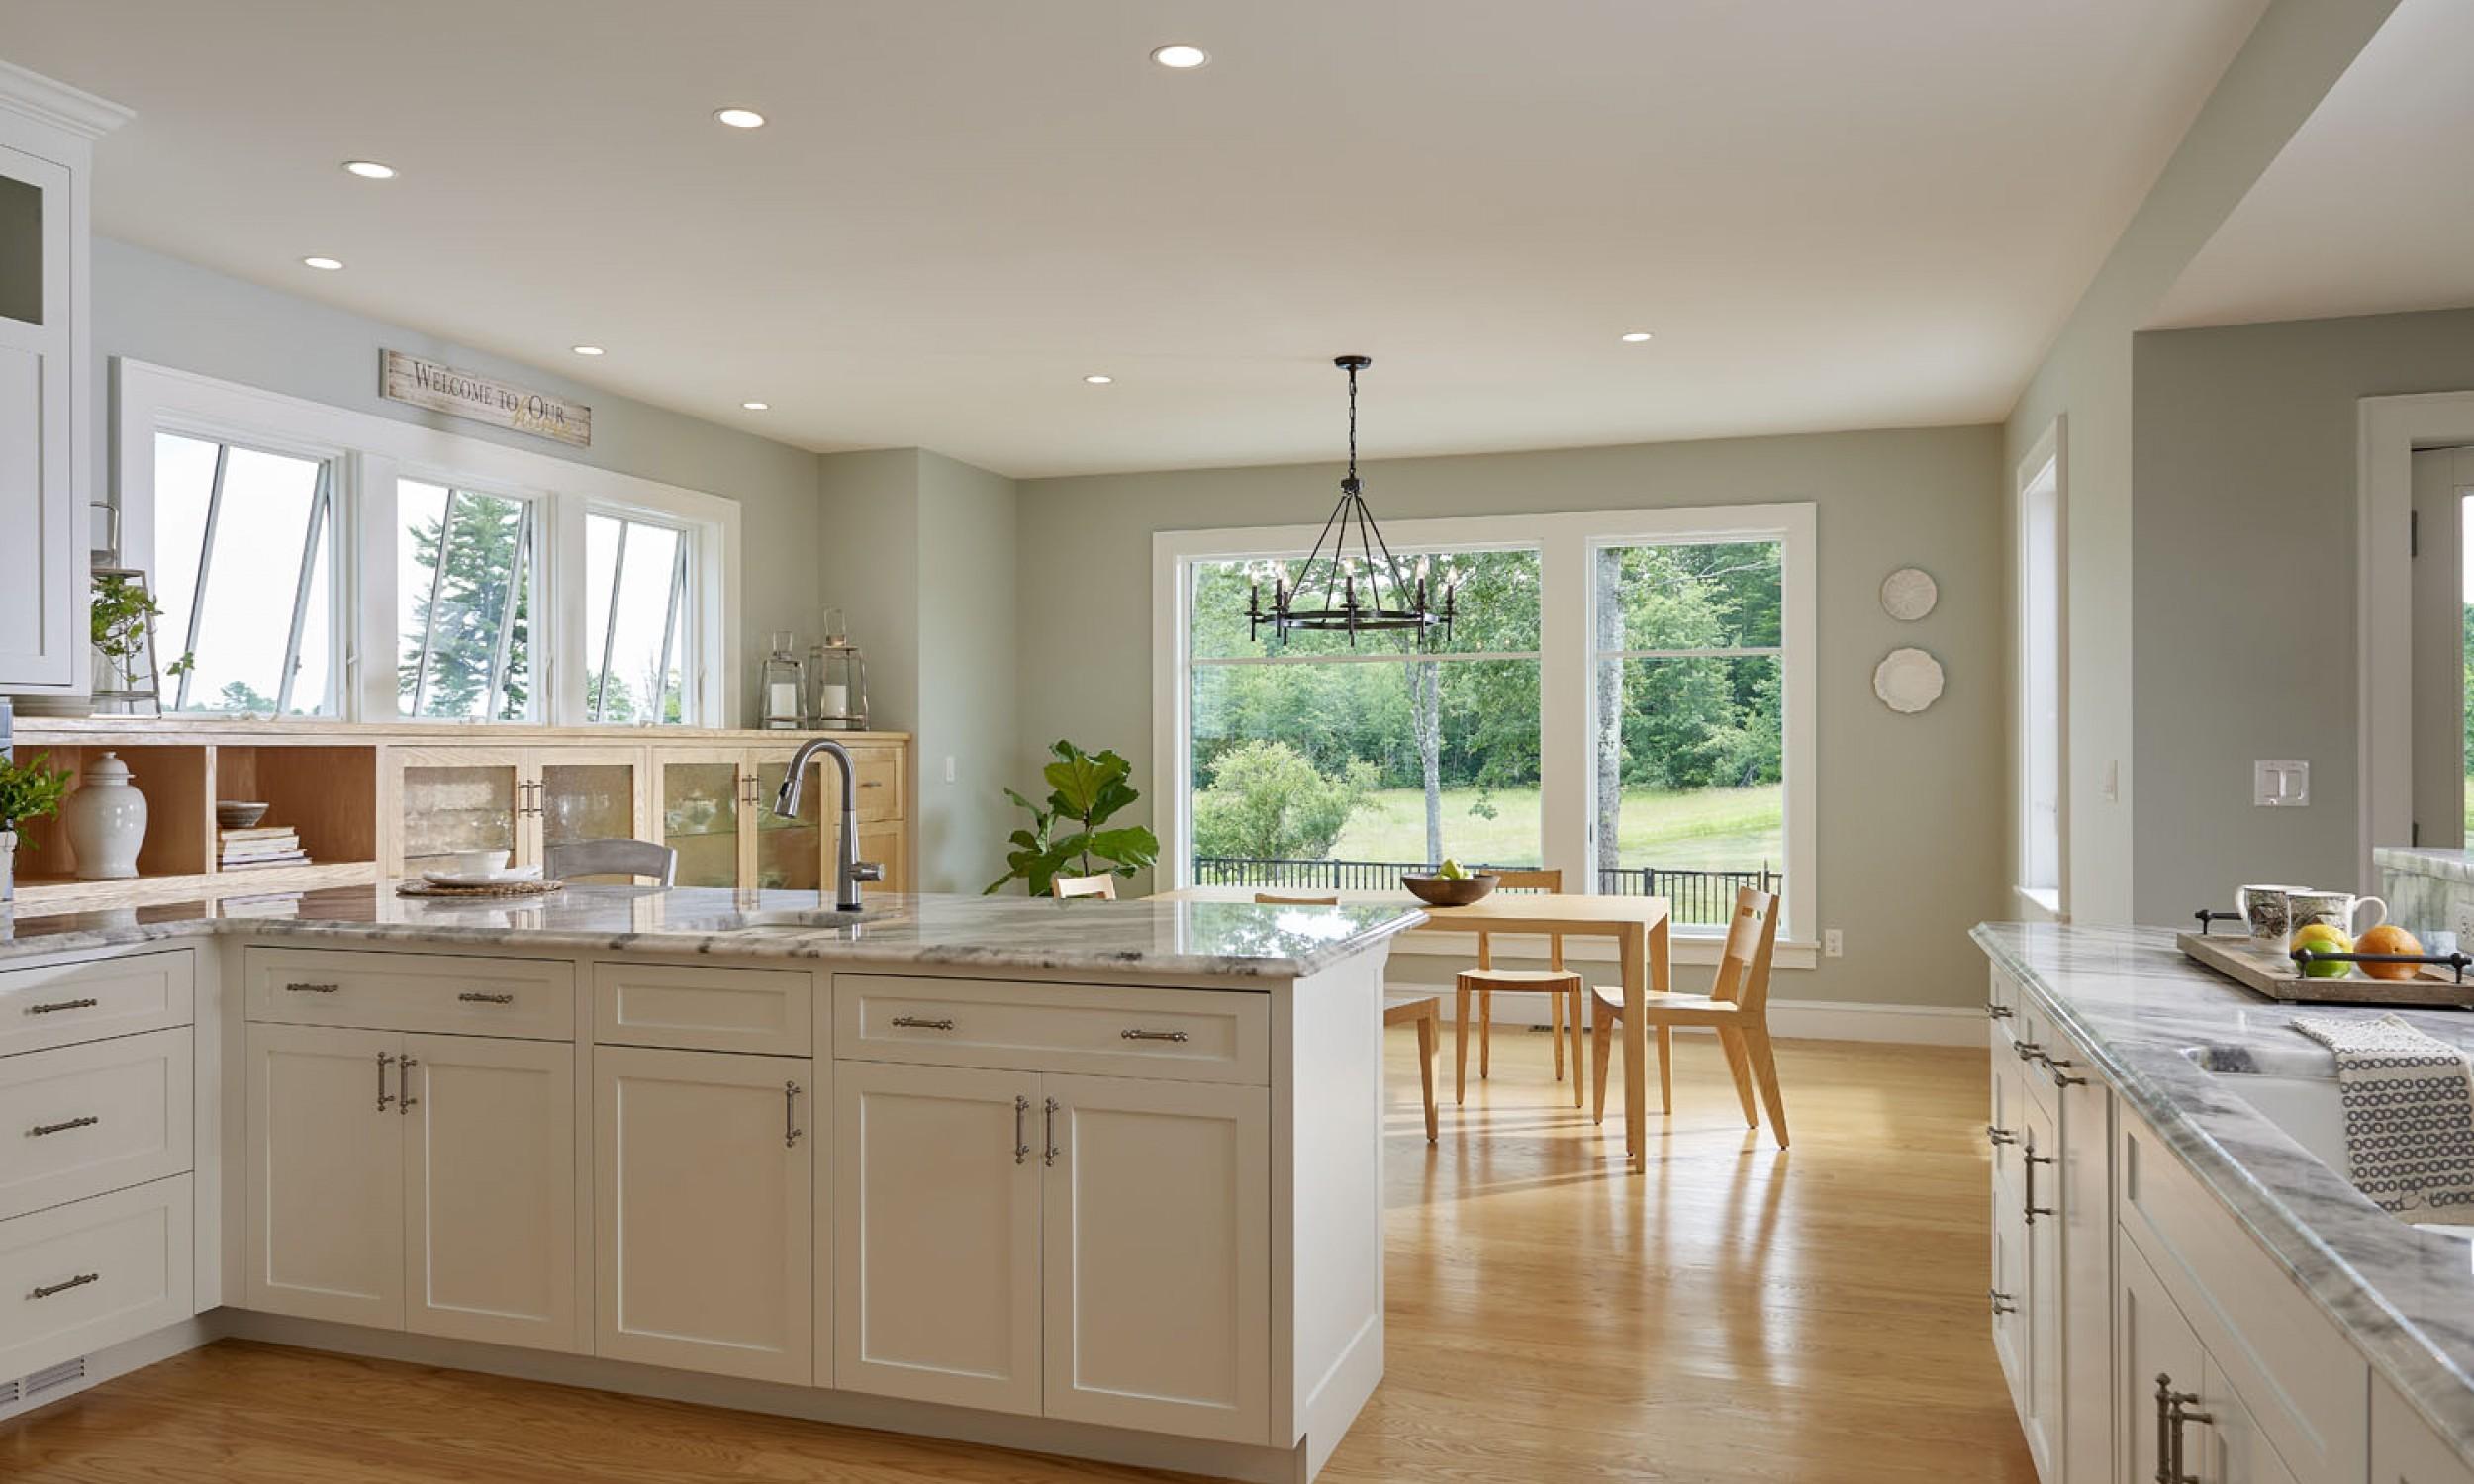 Kitchen, Tula table, Angela Adams, natural light, open kitchen, ash flooring, Maine Architect